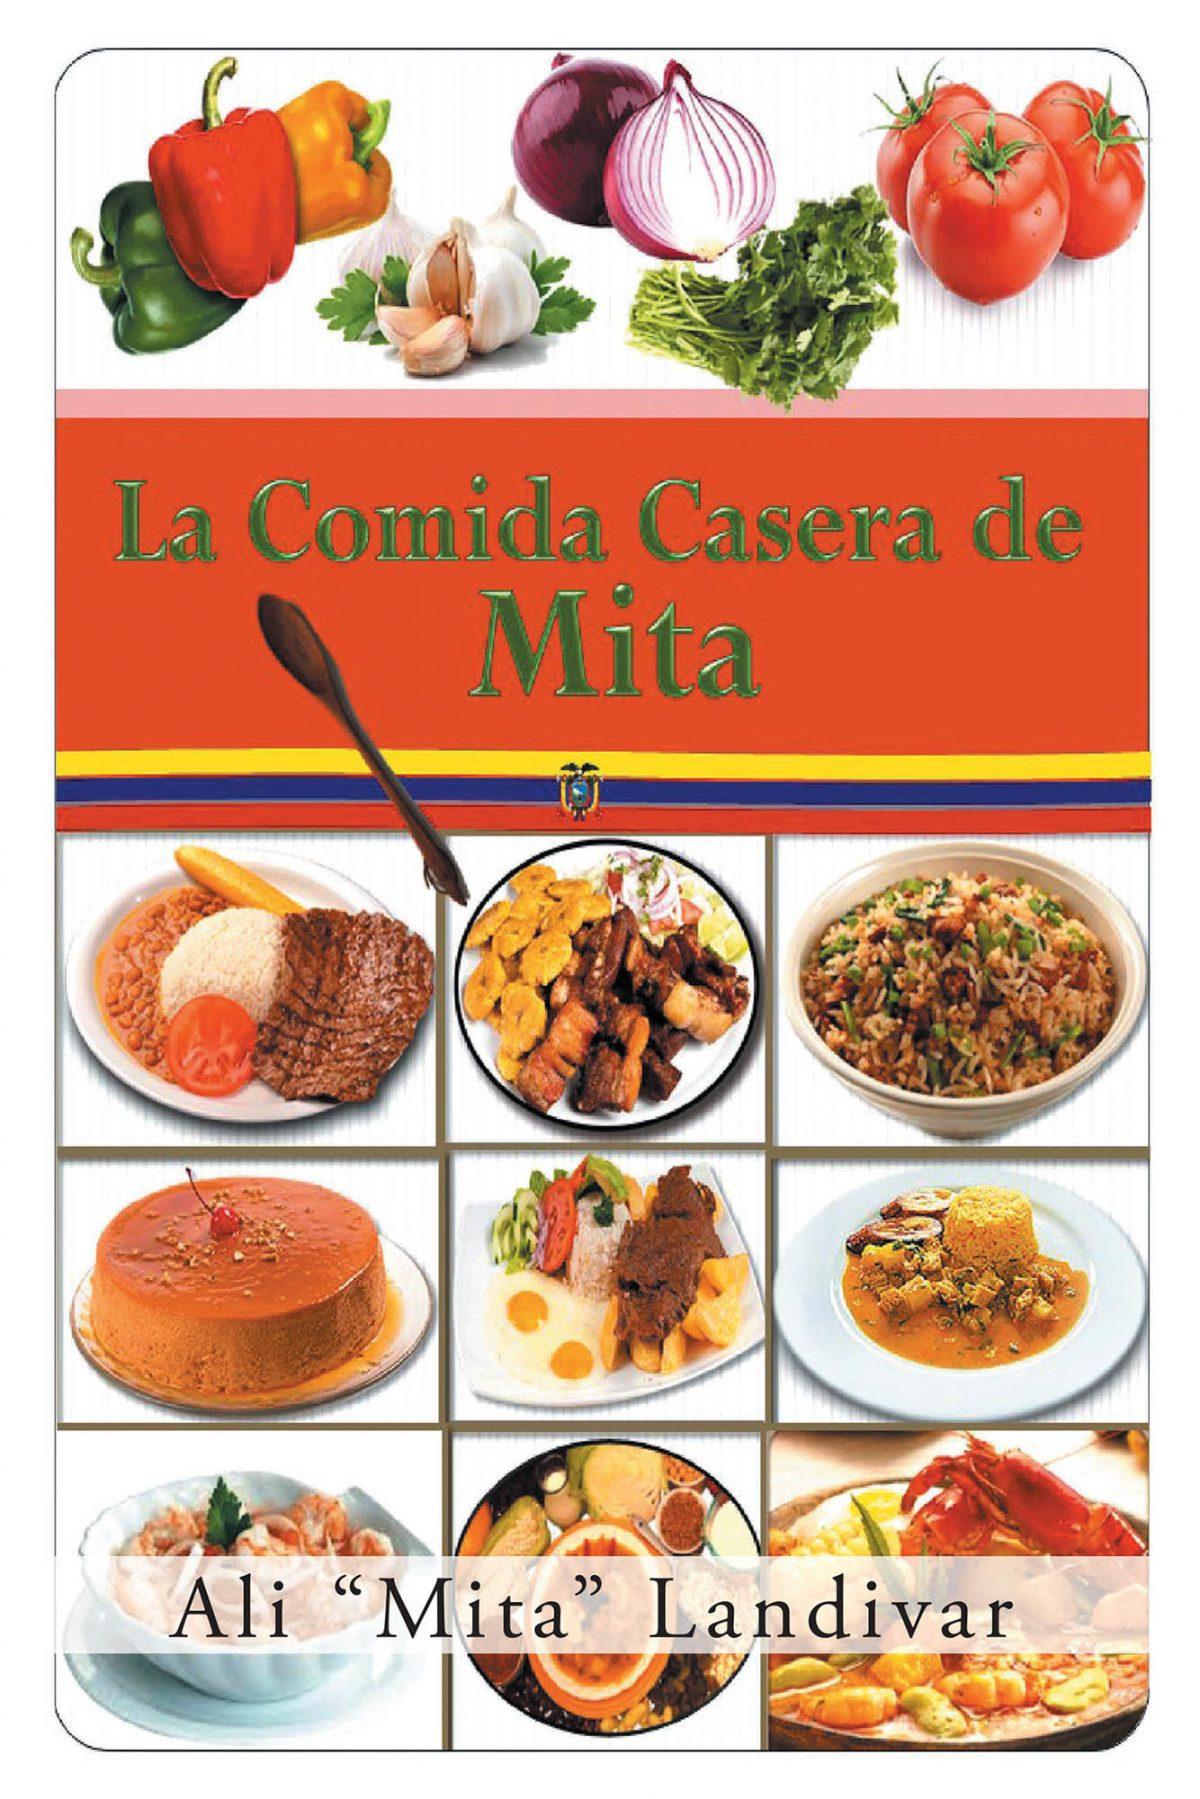 La más reciente obra publicada de la autora Ali «Mita» Landivar, La comida casera de Mita, nos presenta un compendio de las más destacadas recetas con el mejor sabor casero y los secretos para su éxito.